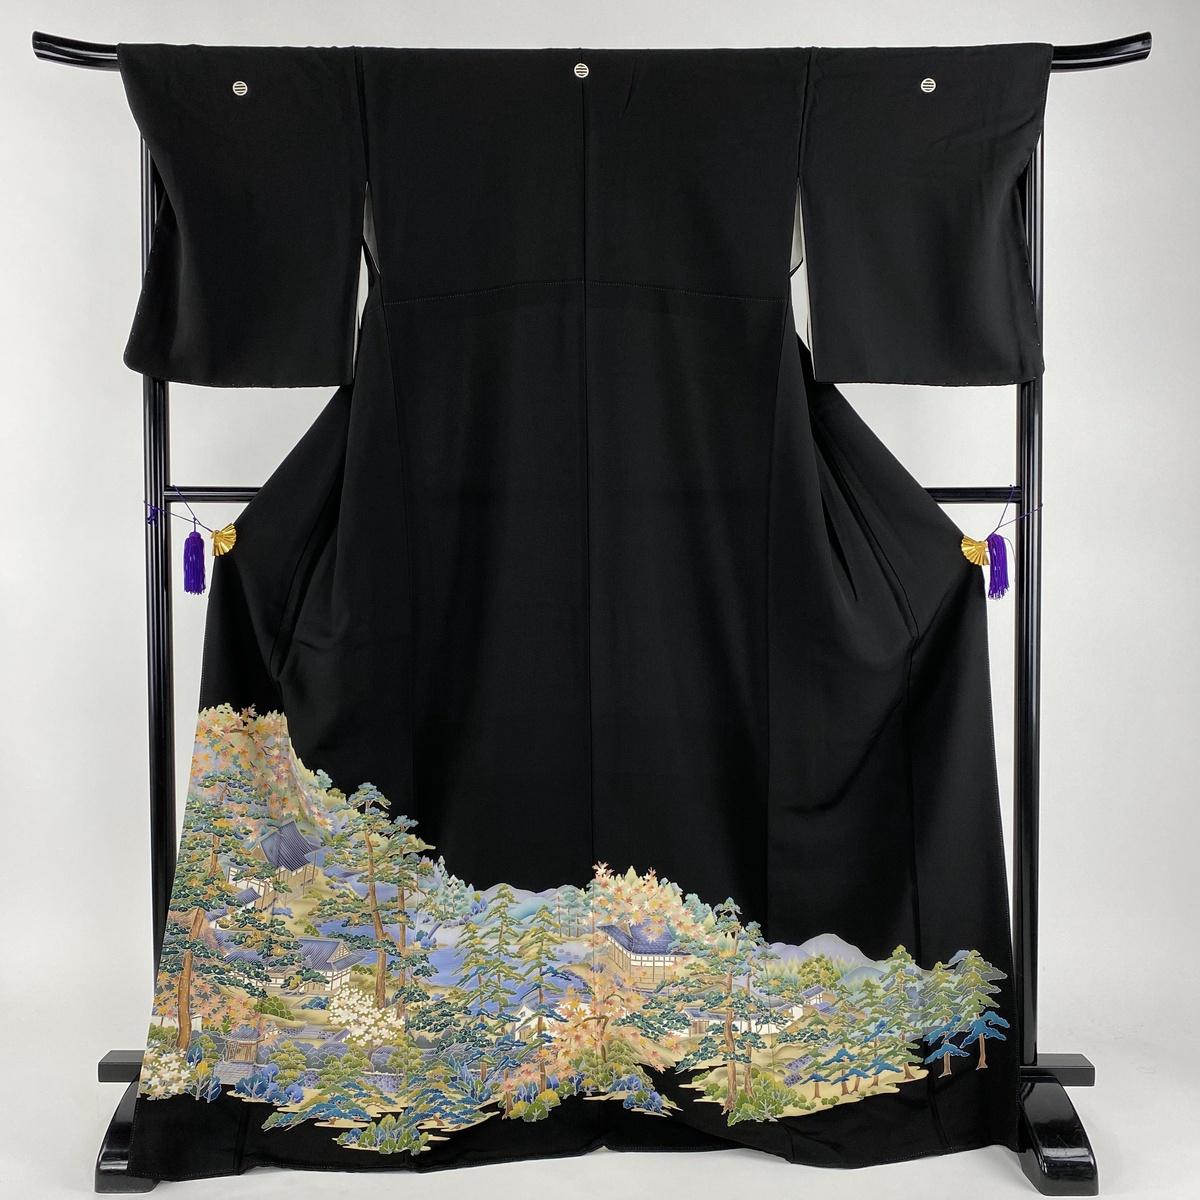 黒留袖 美品 秀品 水辺の風景 建物 黒 袷 身丈171cm 裄丈68cm L 正絹 【中古】